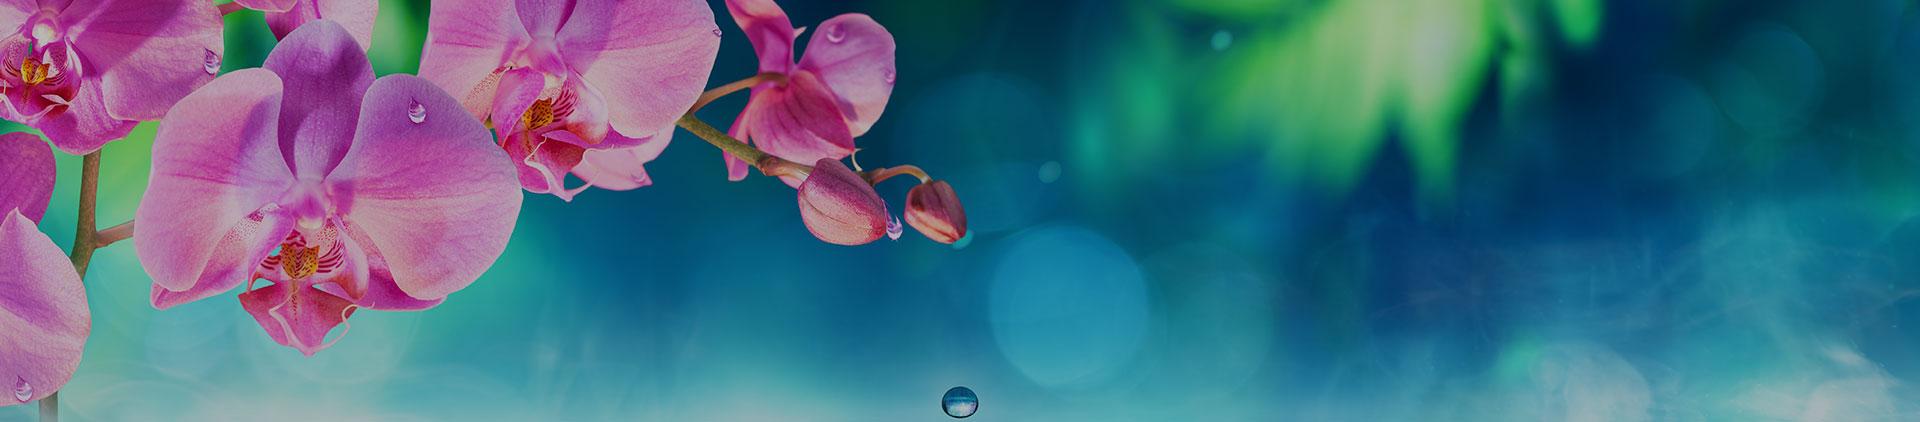 Grief & Healing | James A Dyal Funeral Home